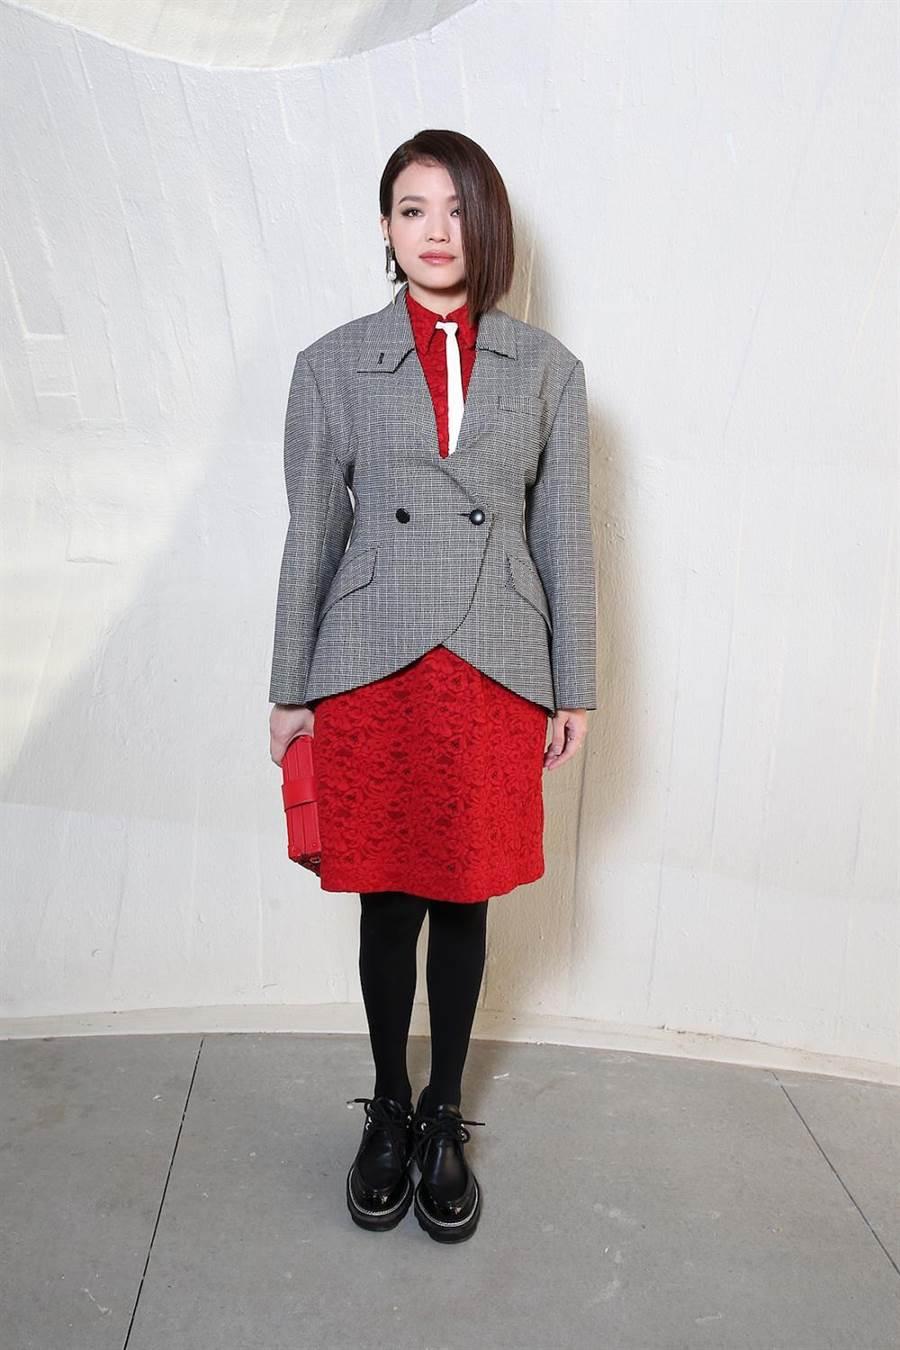 舒淇在紅色蕾絲洋裝上繫上細版白領帶,外罩灰色格紋西裝外套,符合本季的華爾街制服look。(LV提供)